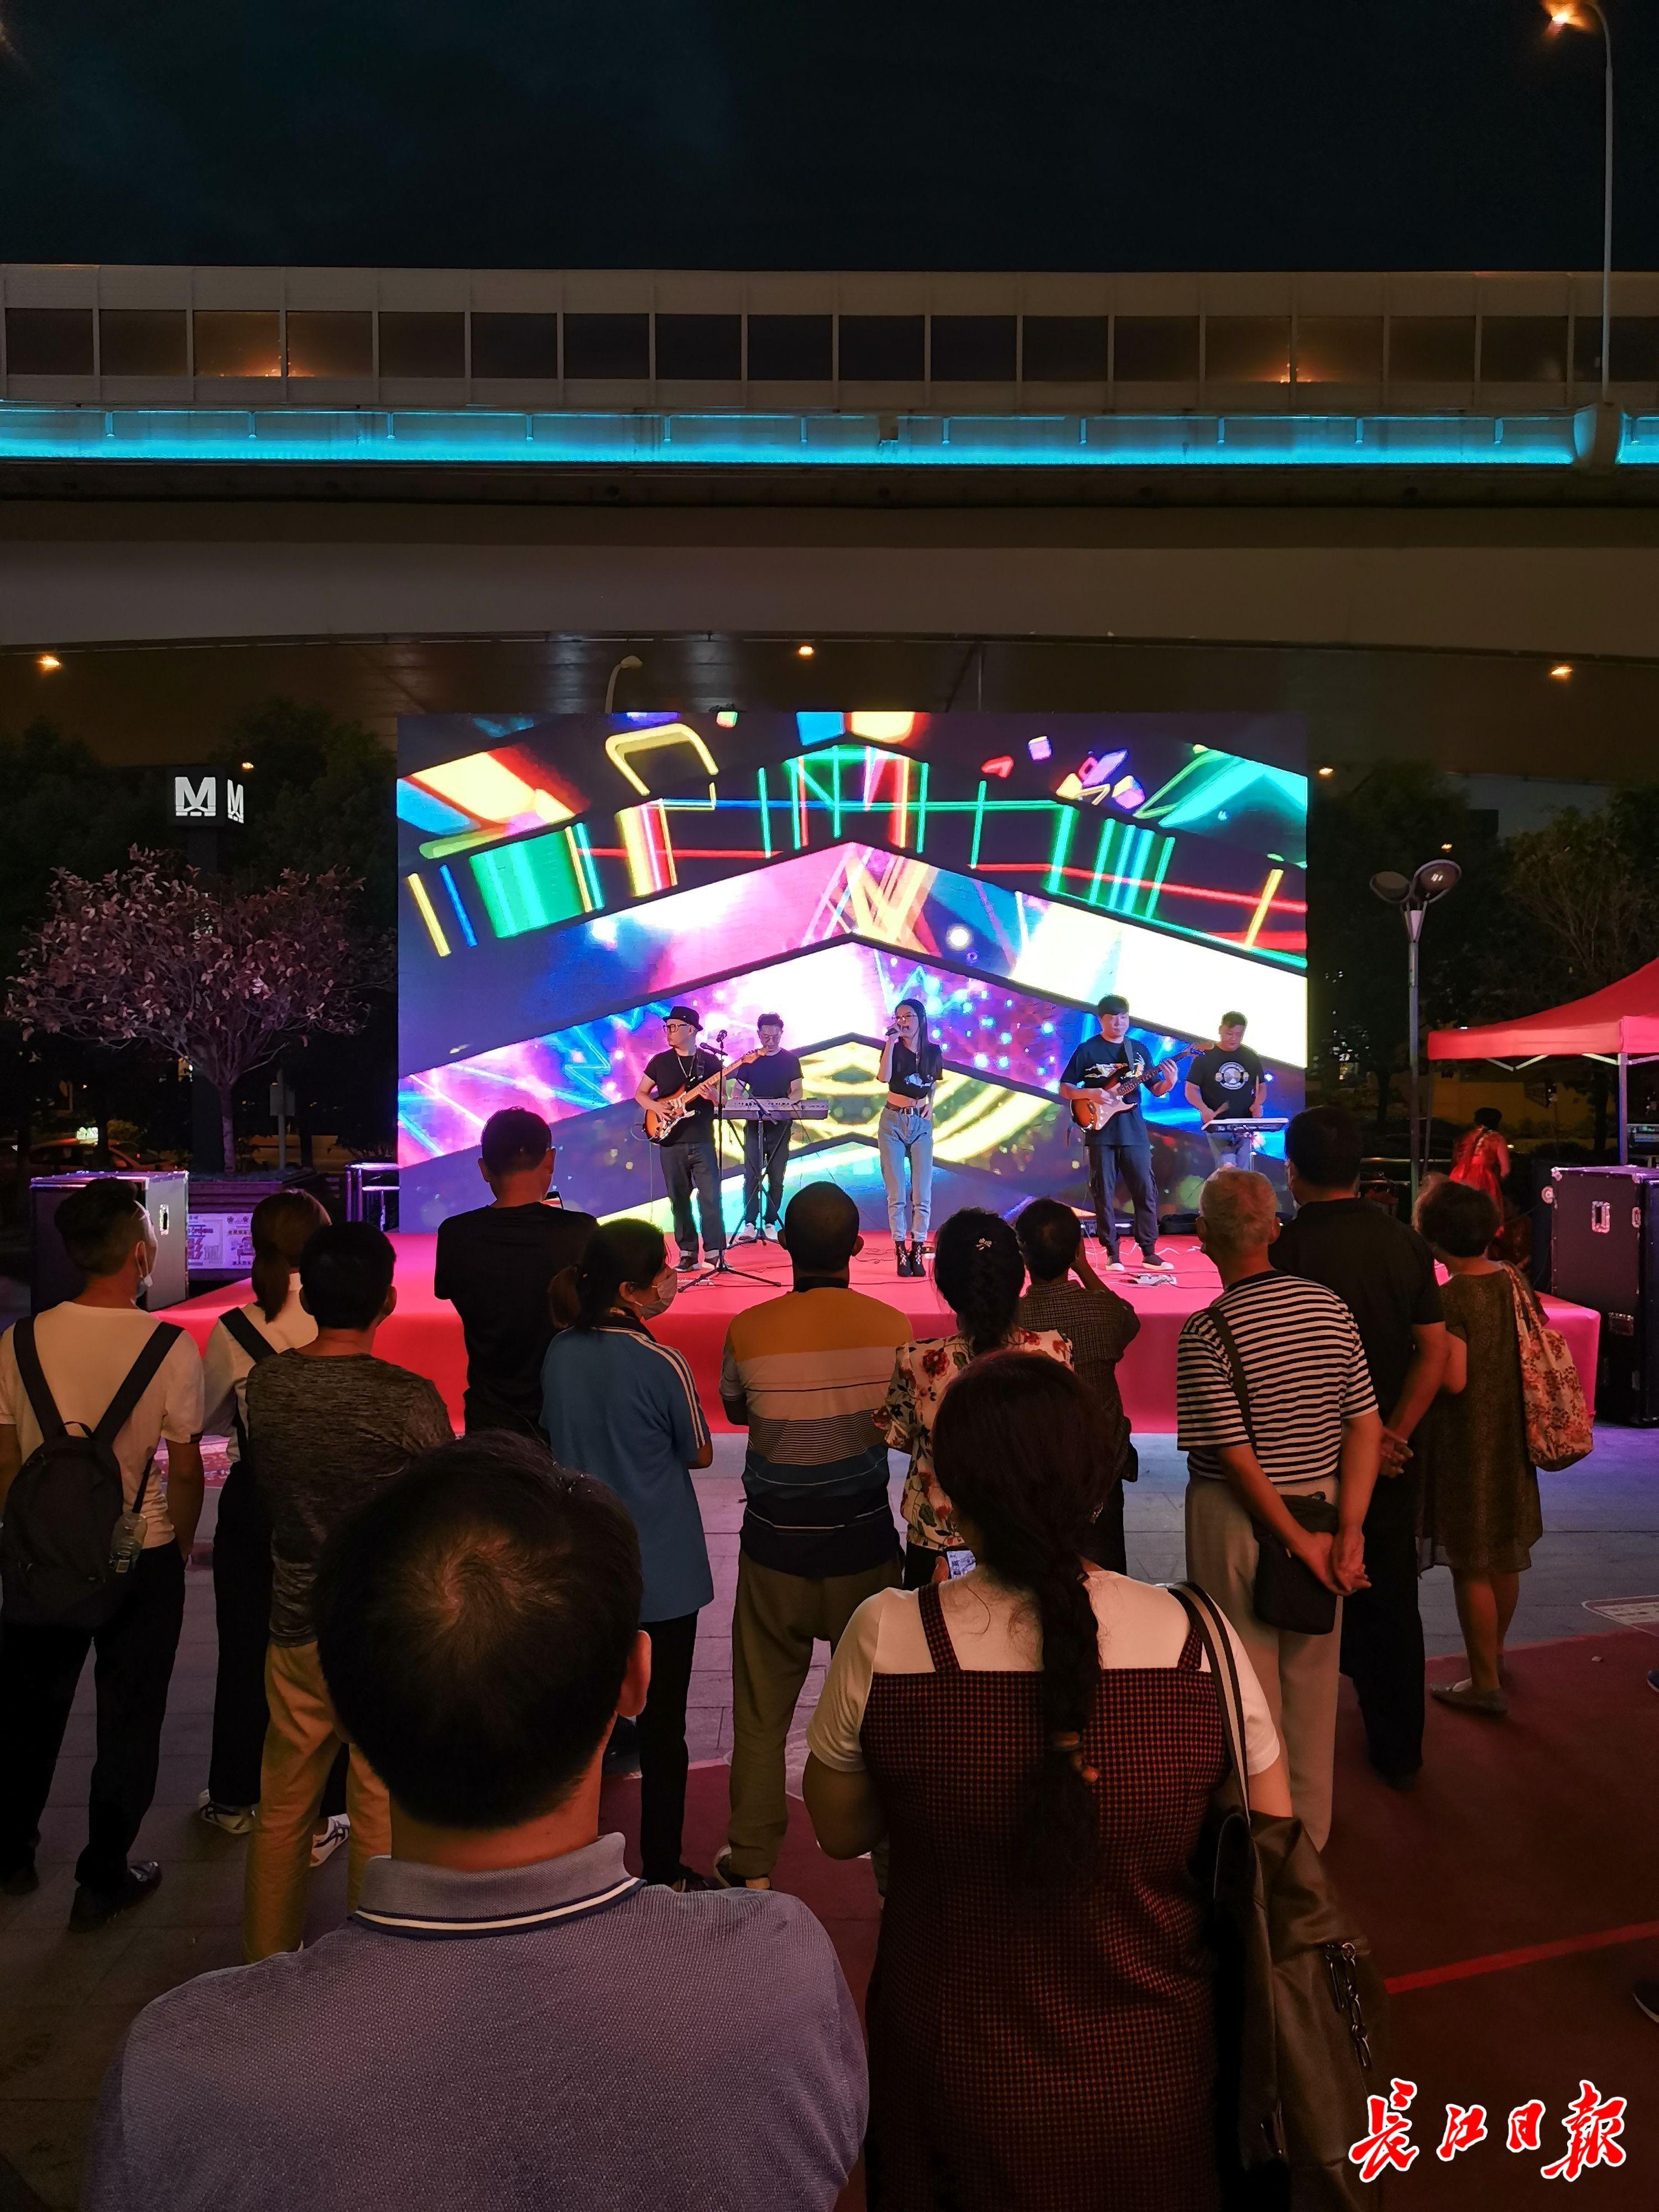 汉阳唱响街头音乐会,文化赋能城市夜经济